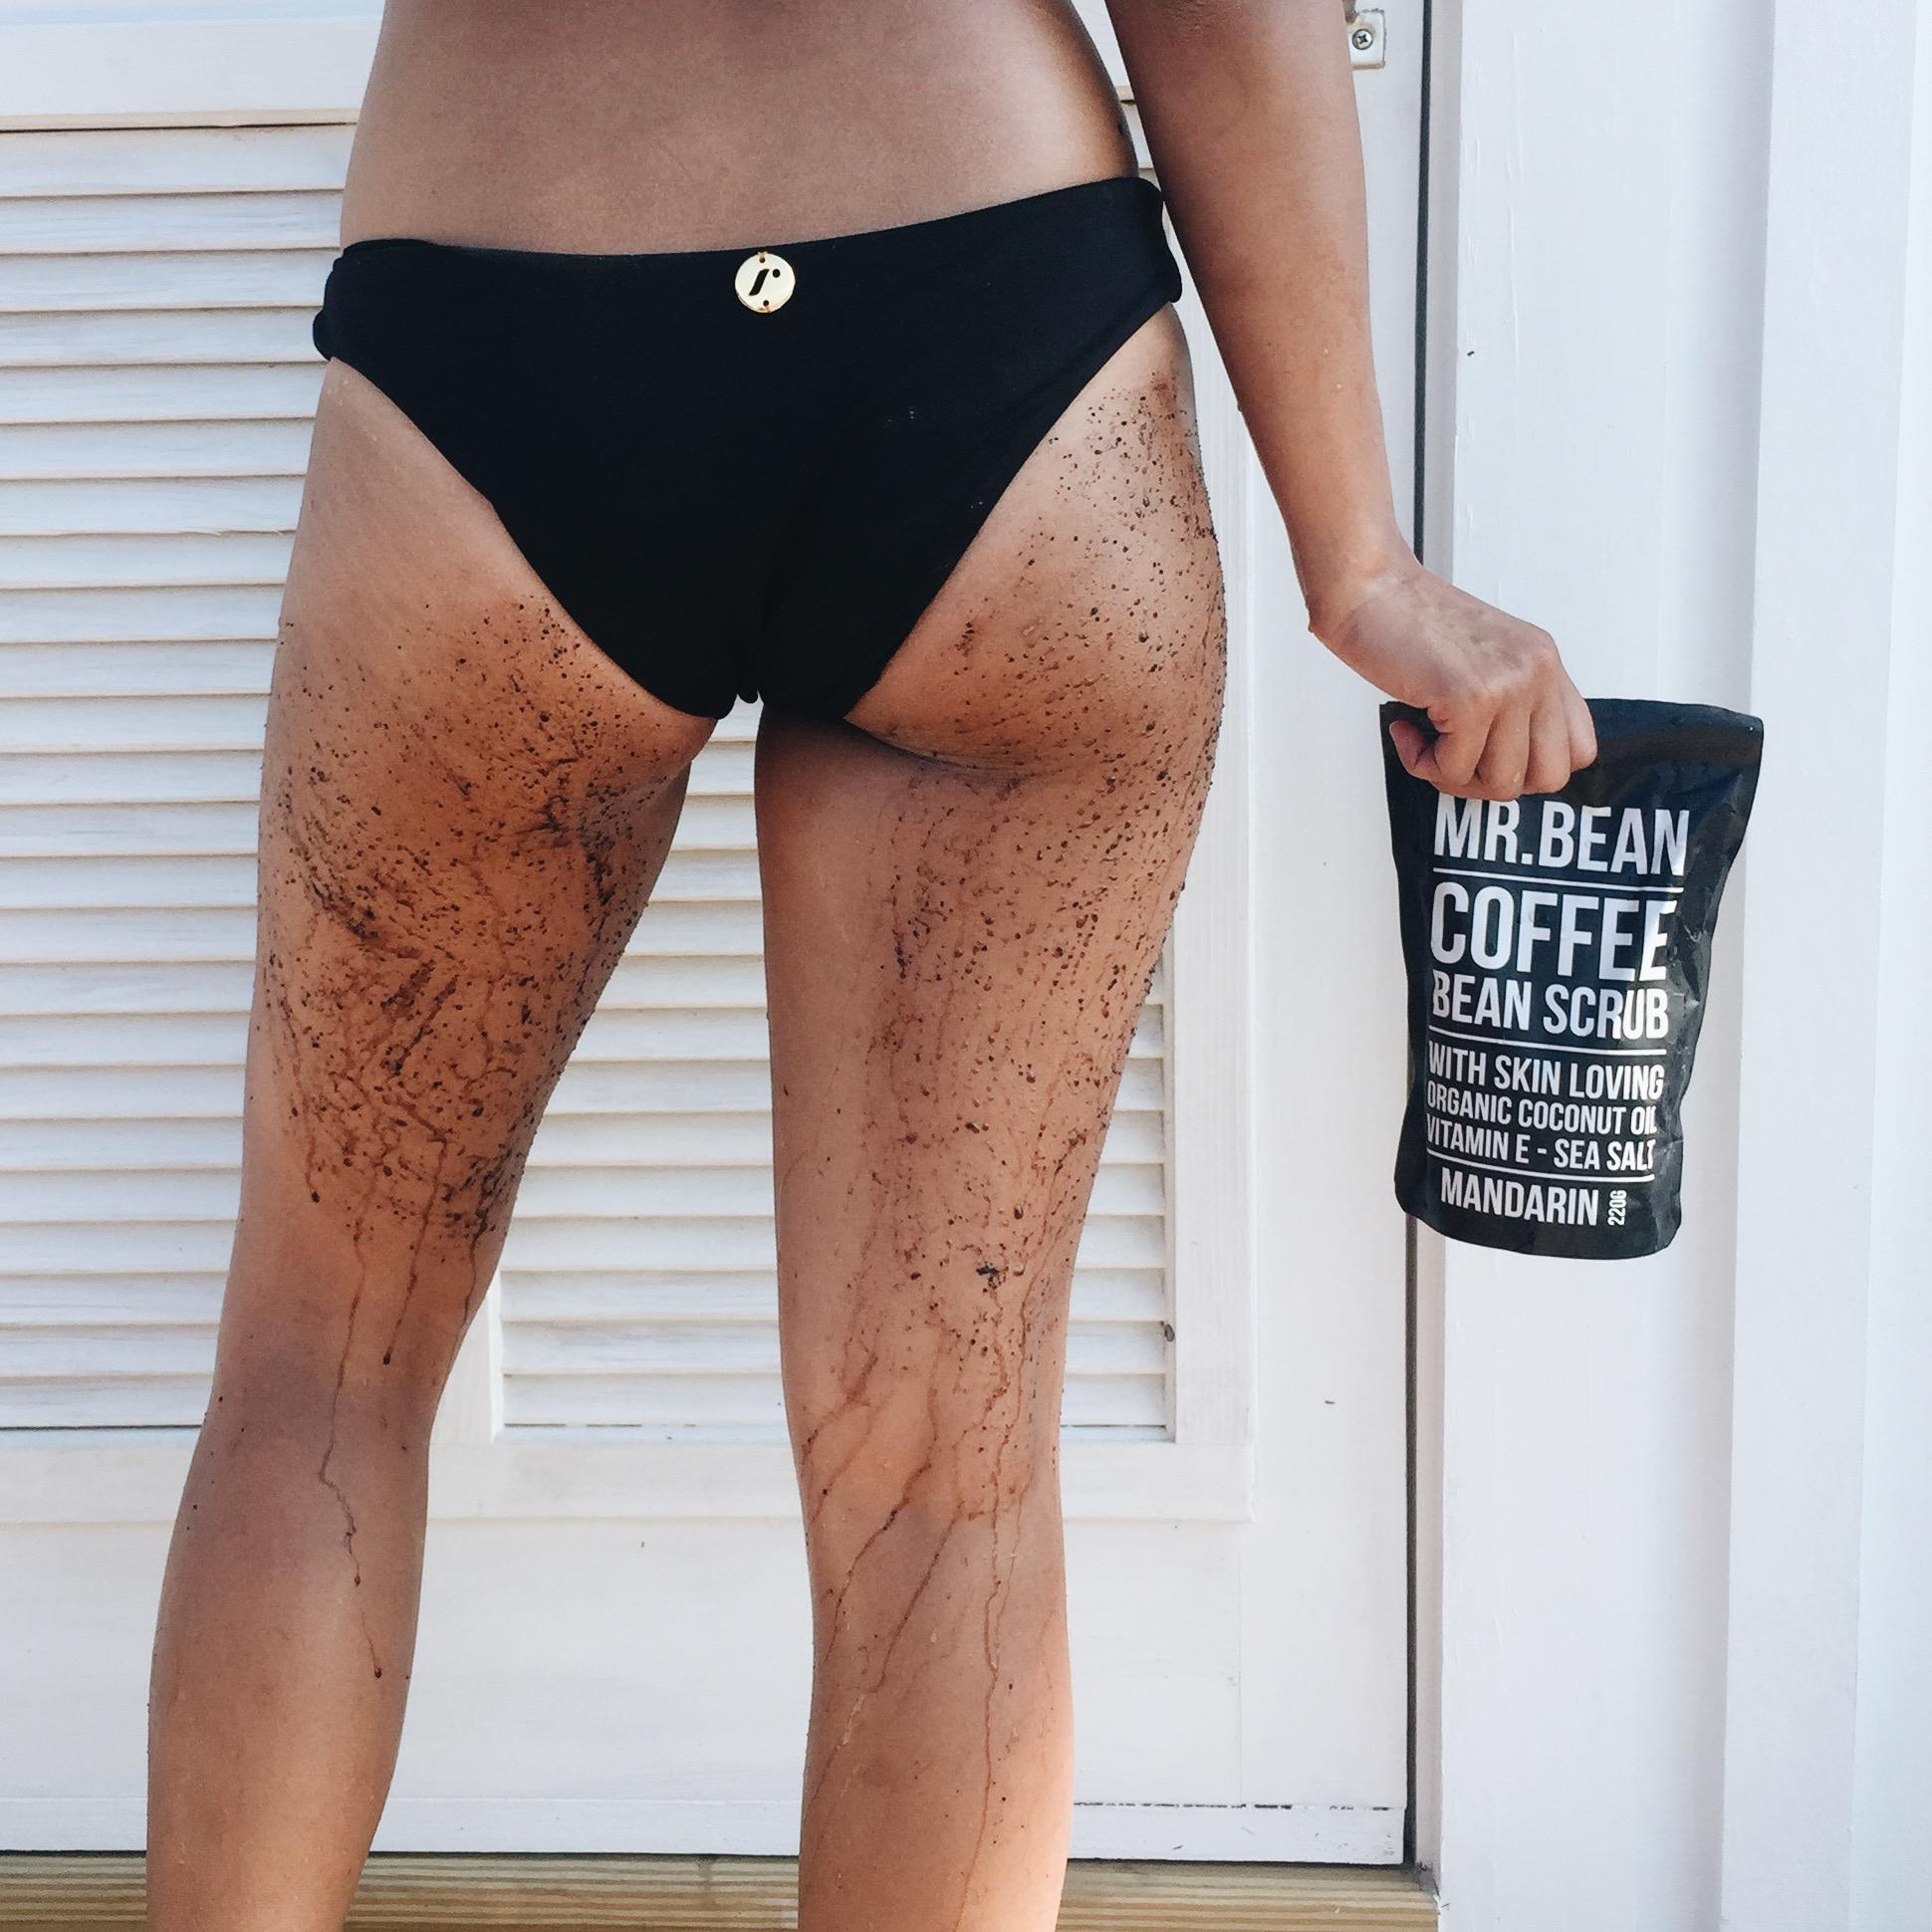 Dưỡng trắng da bị thâm và tẩy tế bào chết với bã cà phê